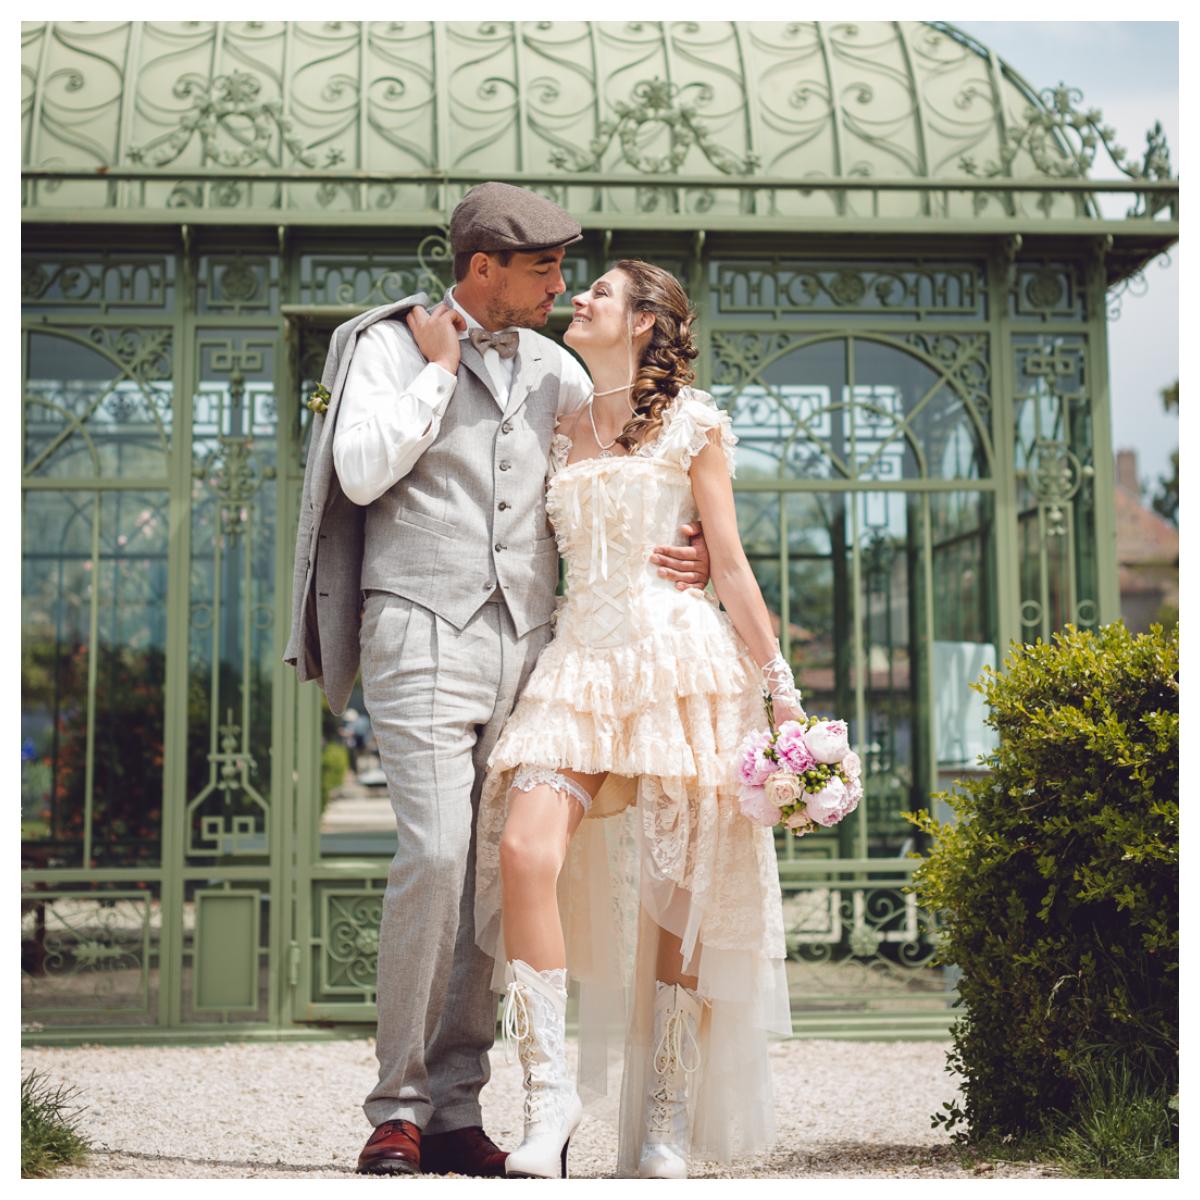 """6 - Le mariage """"Belle Epoque"""" de A&C aux Portes des Iris"""